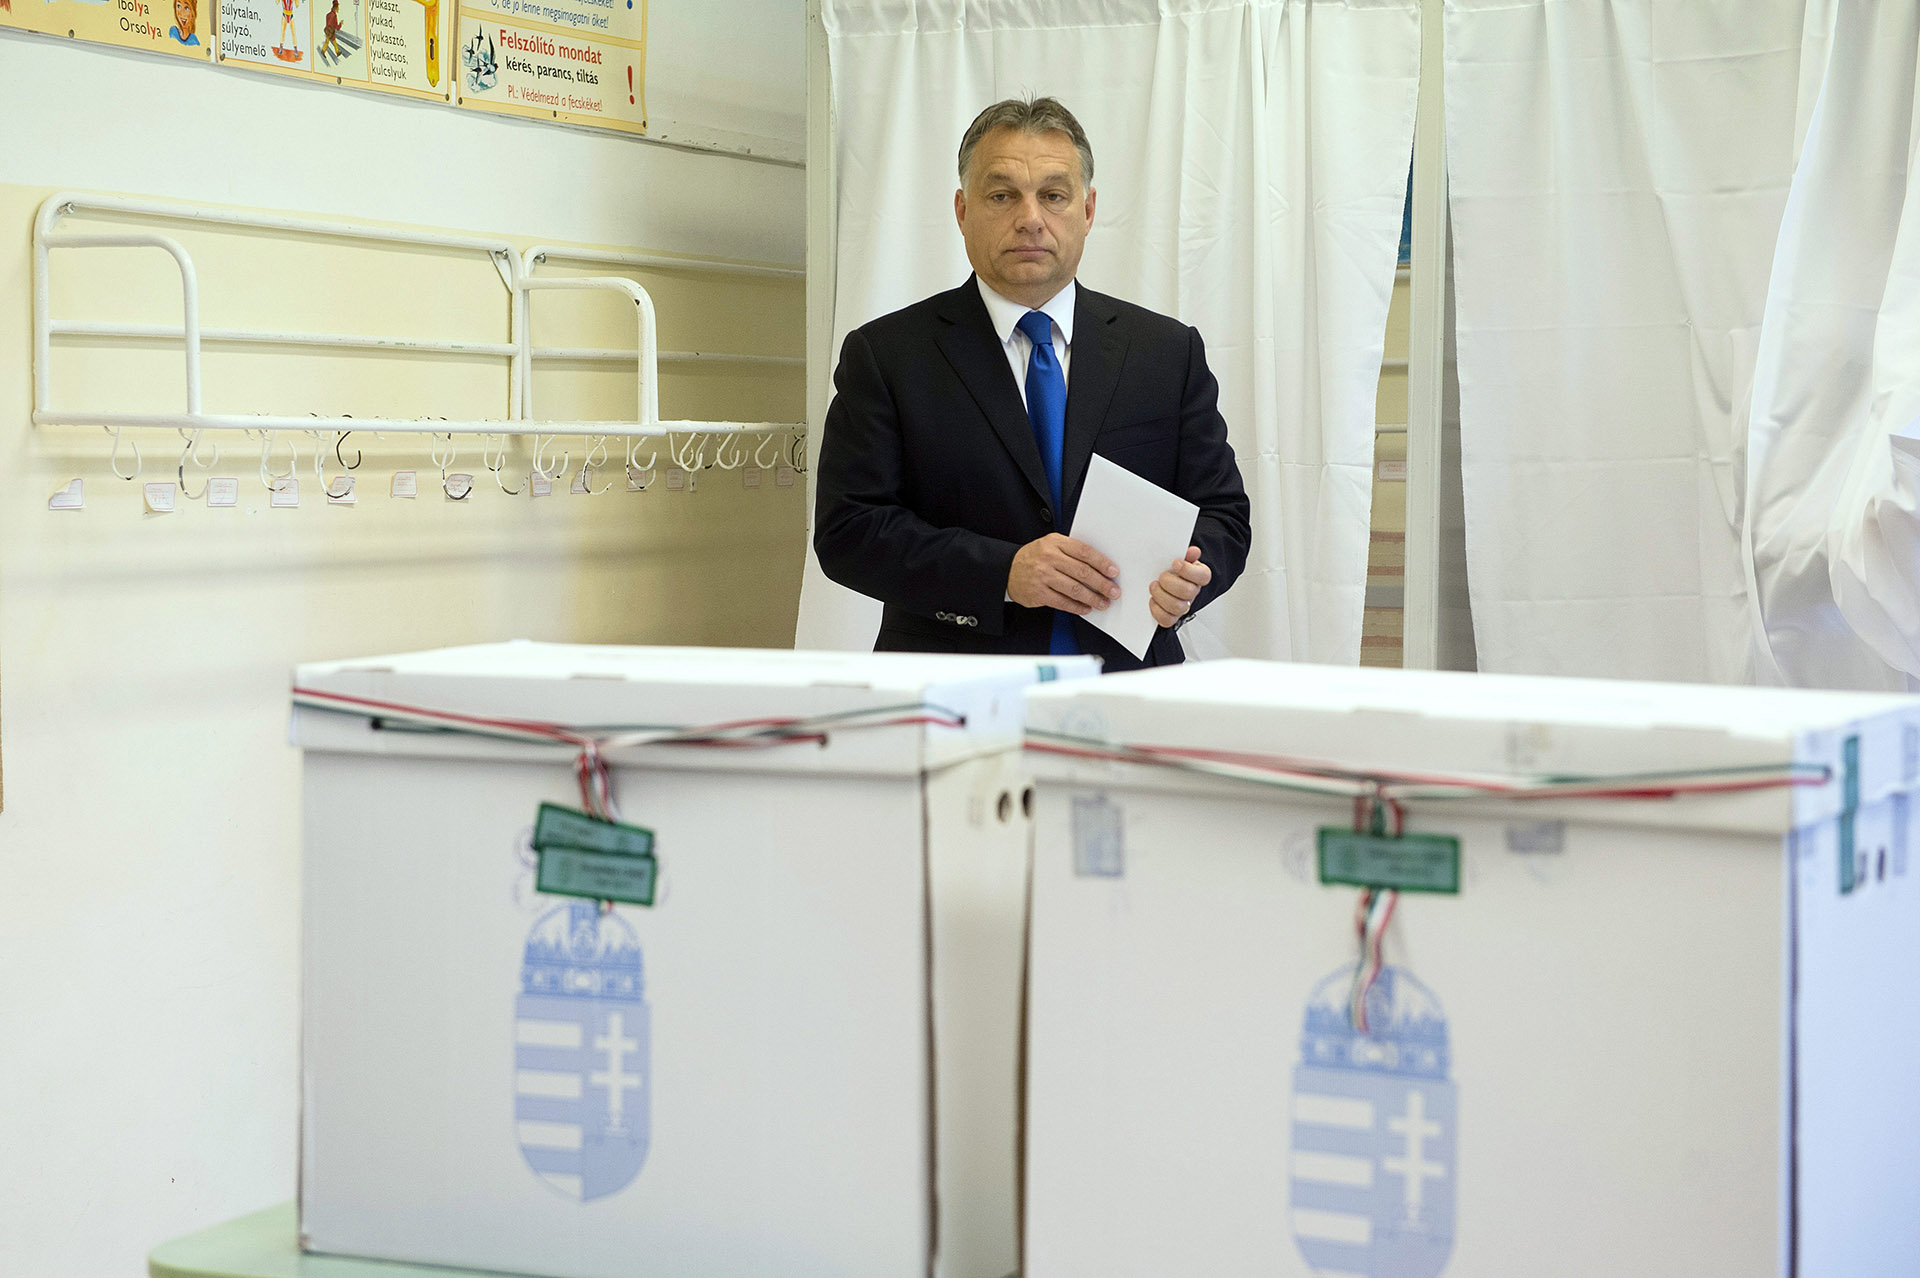 Többen szeretnének kormányváltást, mégis legyőzhetetlennek látják a Fideszt